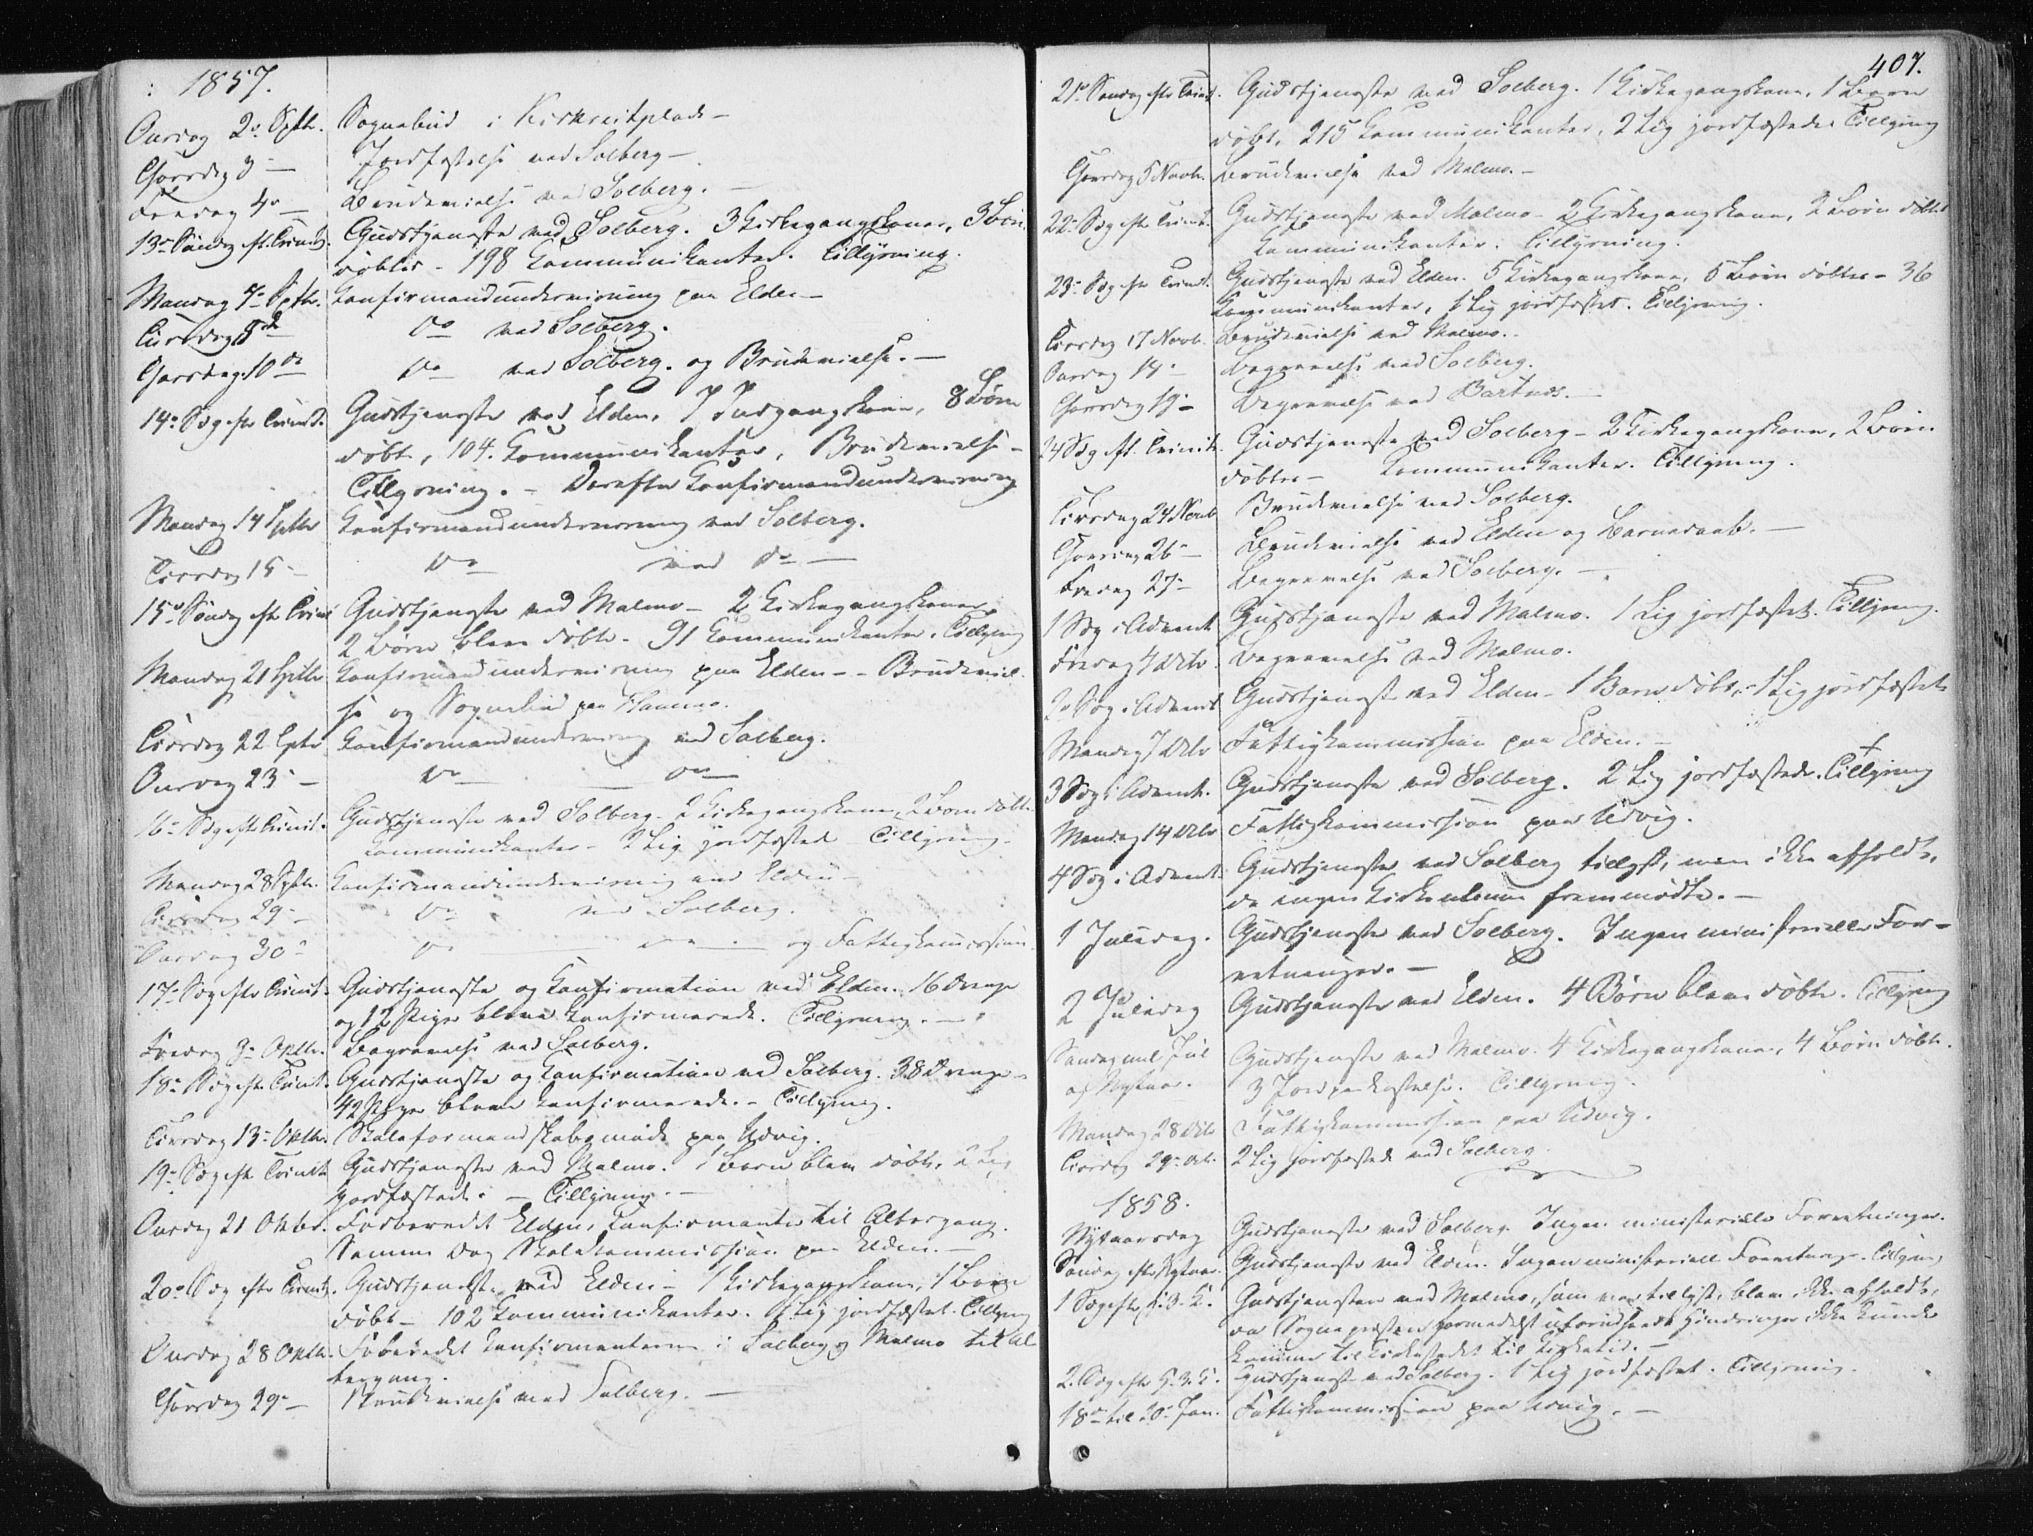 SAT, Ministerialprotokoller, klokkerbøker og fødselsregistre - Nord-Trøndelag, 741/L0393: Ministerialbok nr. 741A07, 1849-1863, s. 407